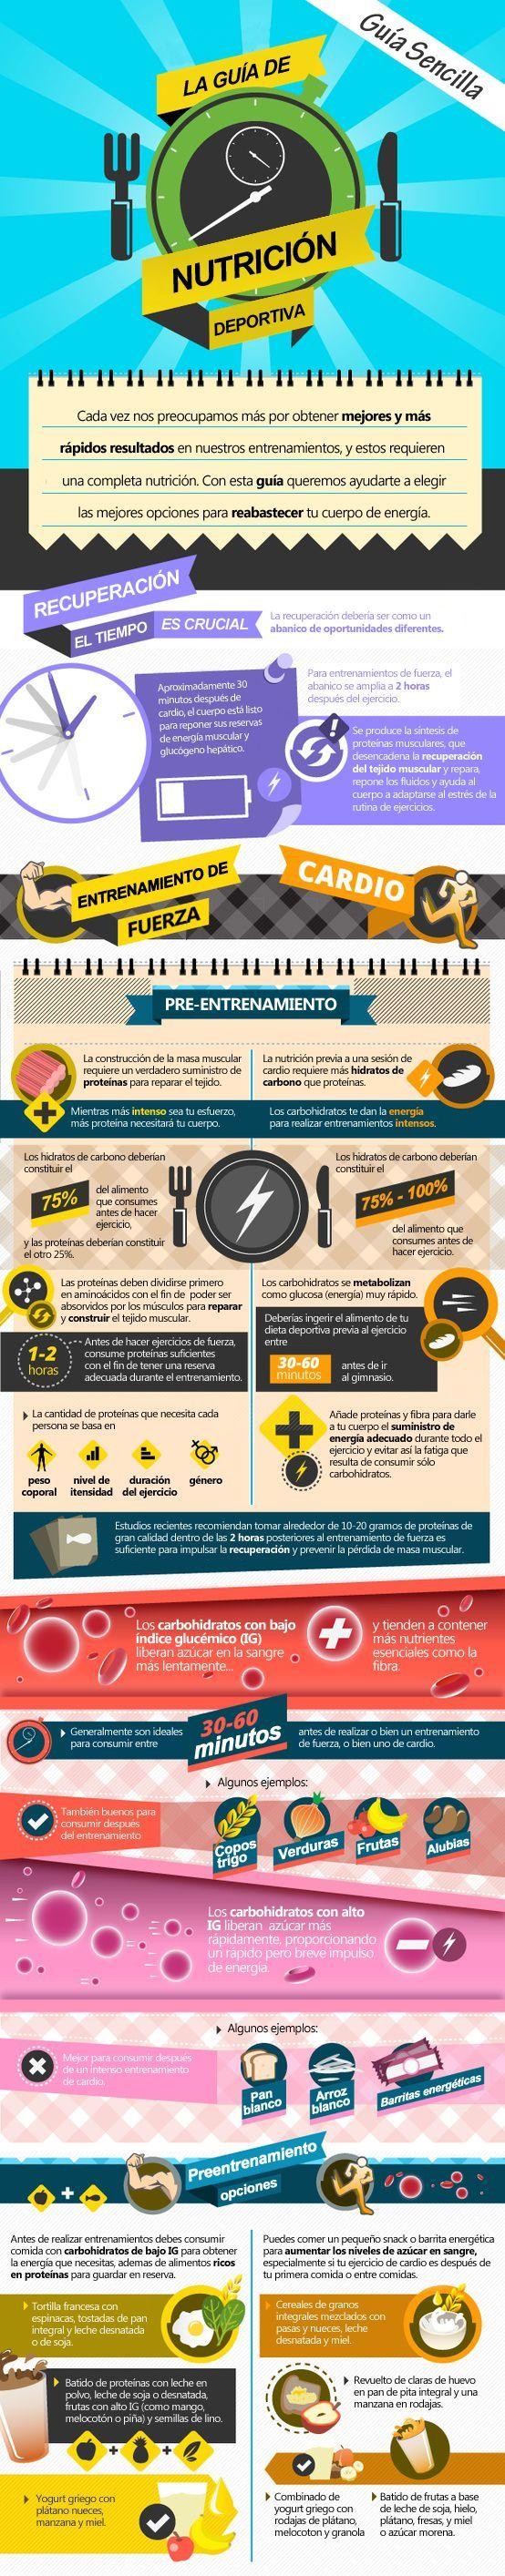 Guía sencilla de nutrición deportiva #estudiantes #deportistas #universidad #umayor